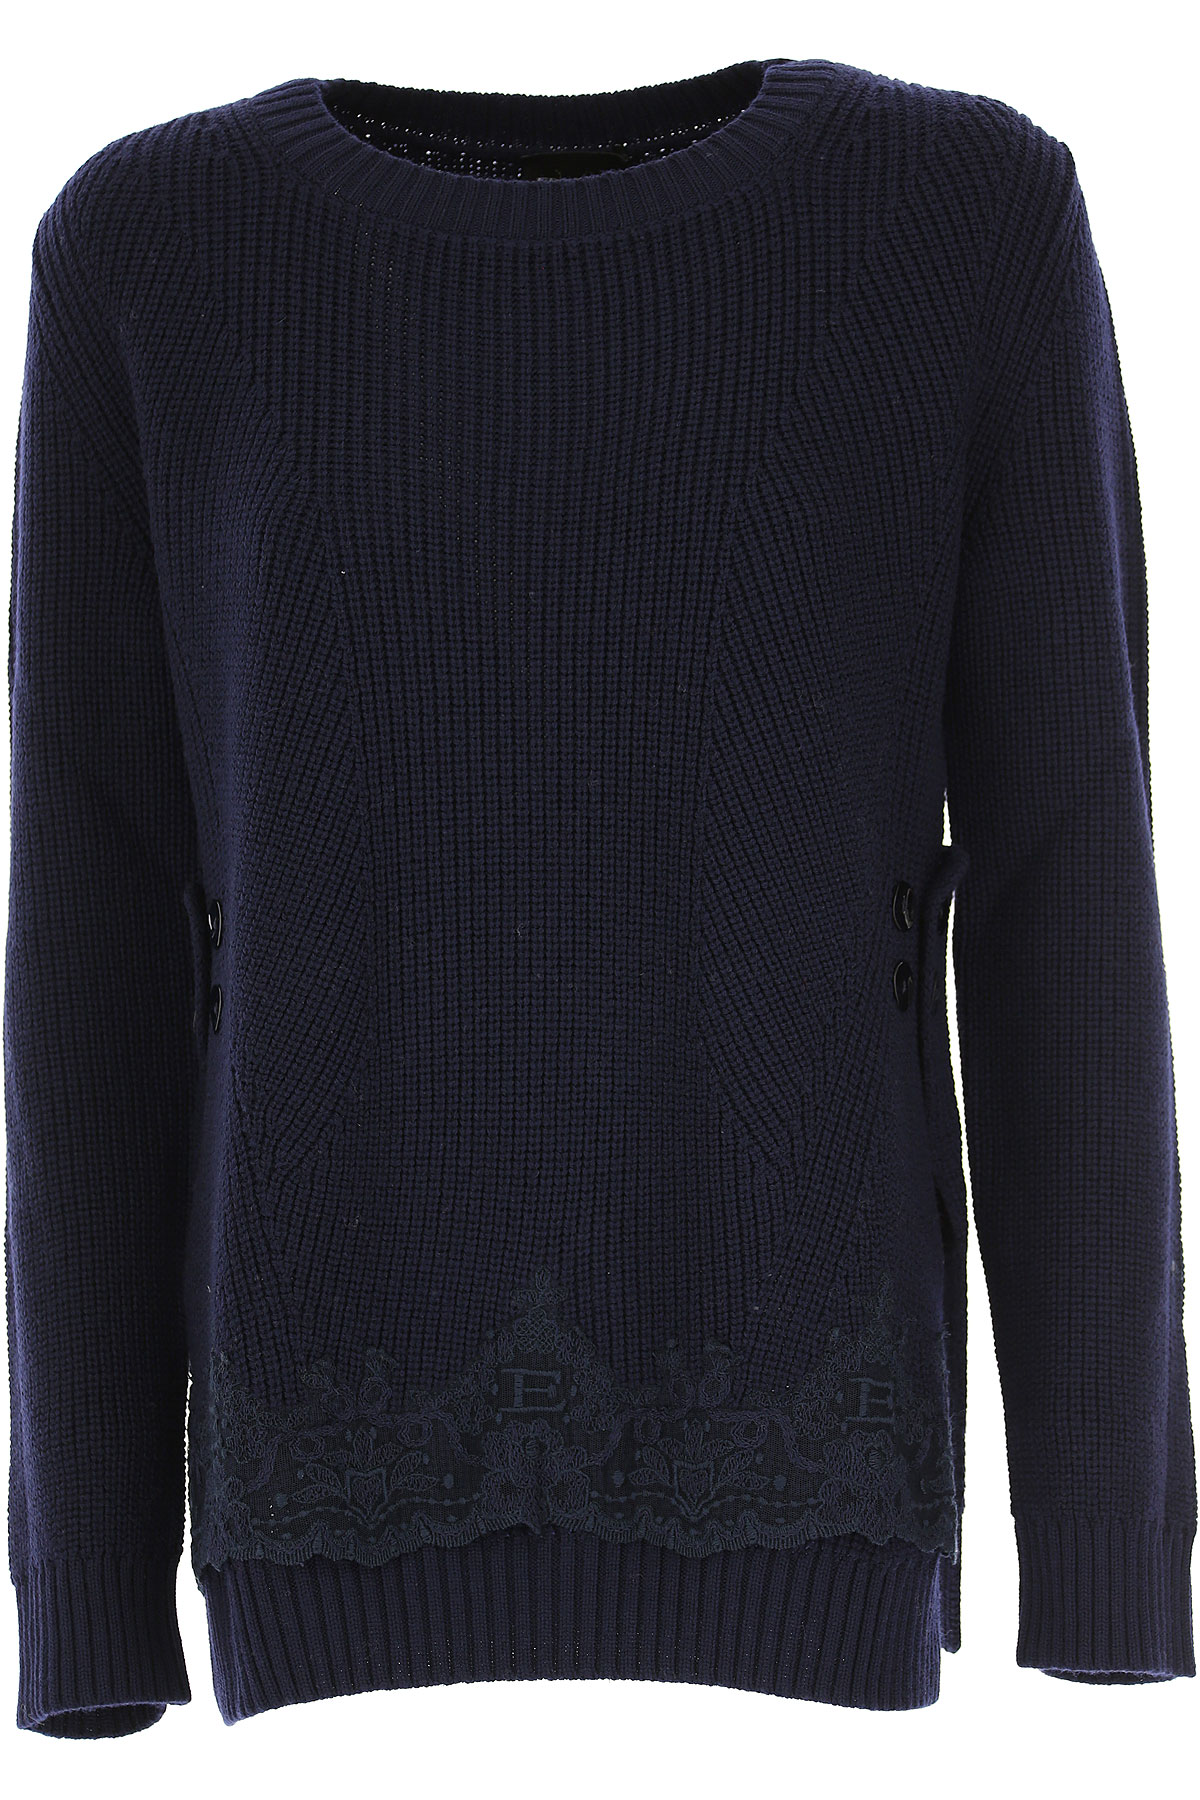 Ermanno Scervino Pull Femme, Bleu foncé, Polyester, 2017, 40 42 44